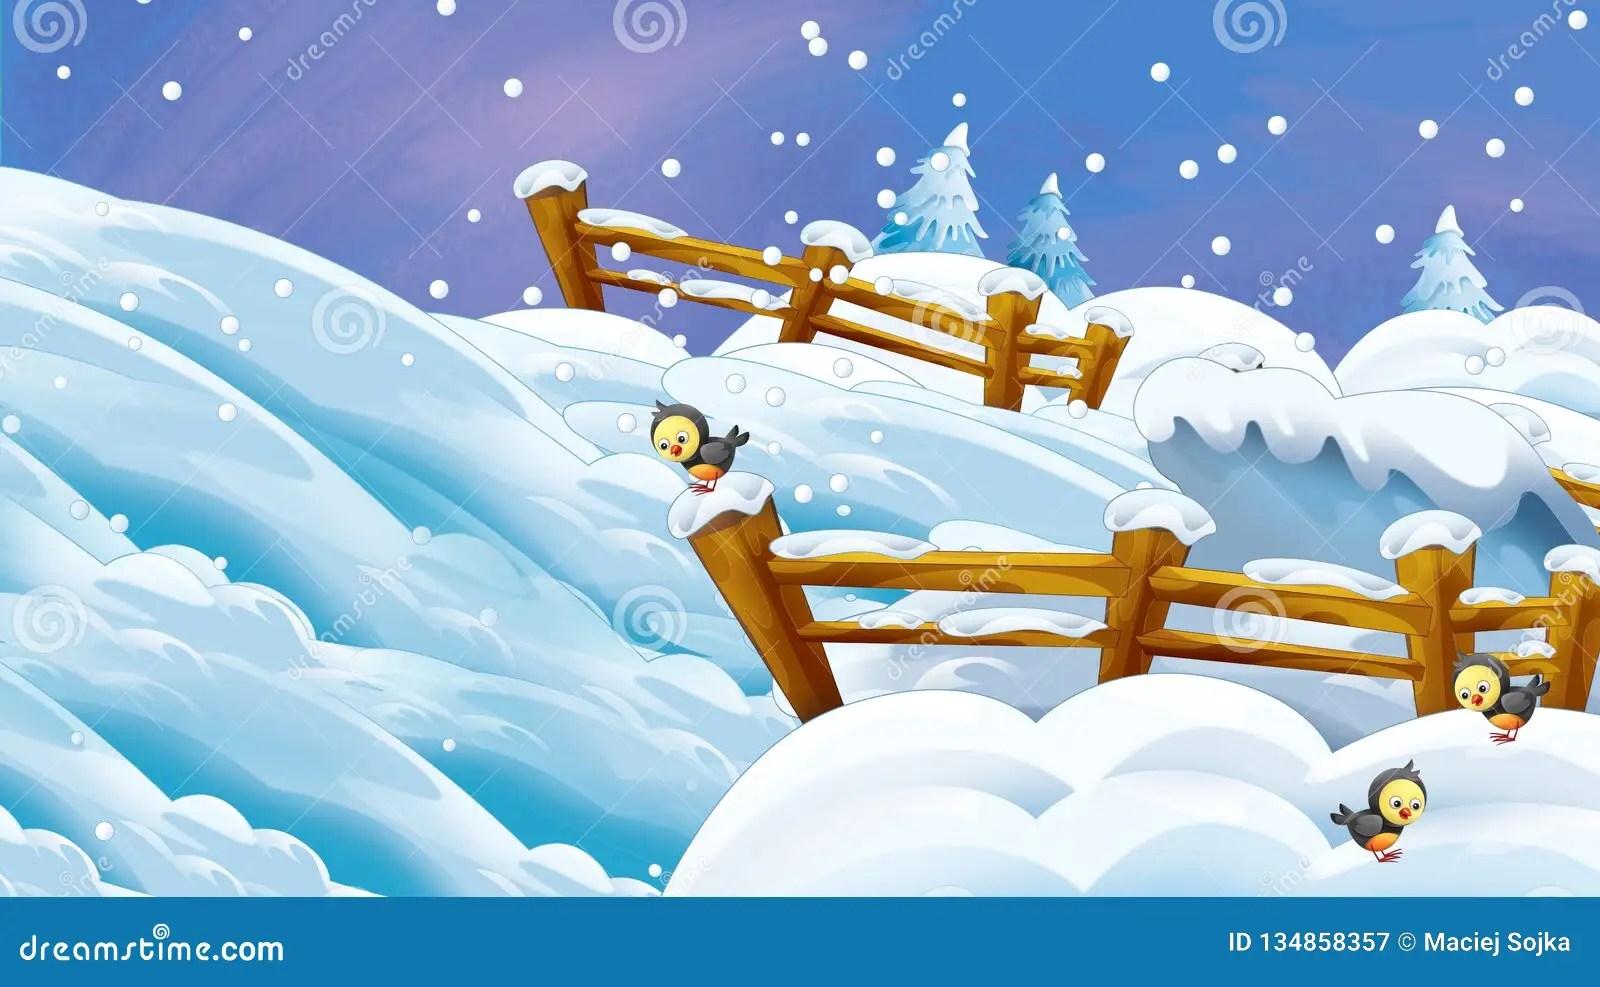 Cartoon Winter Scene With Falling Snow Stock Illustration - Illustration of kindergarten. gift: 134858357